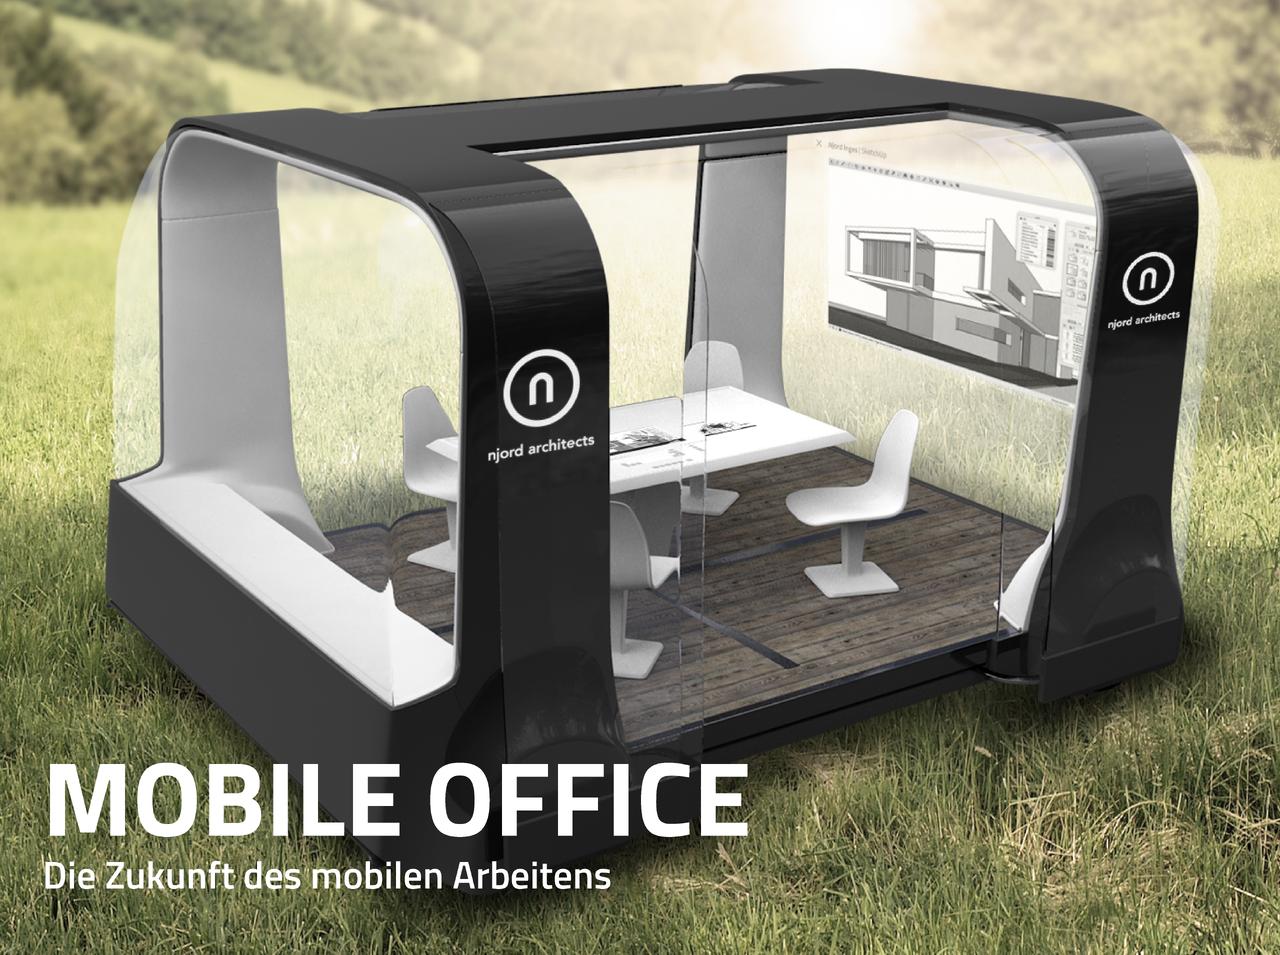 Mobile Office – Die Zukunft des mobilen Arbeitens